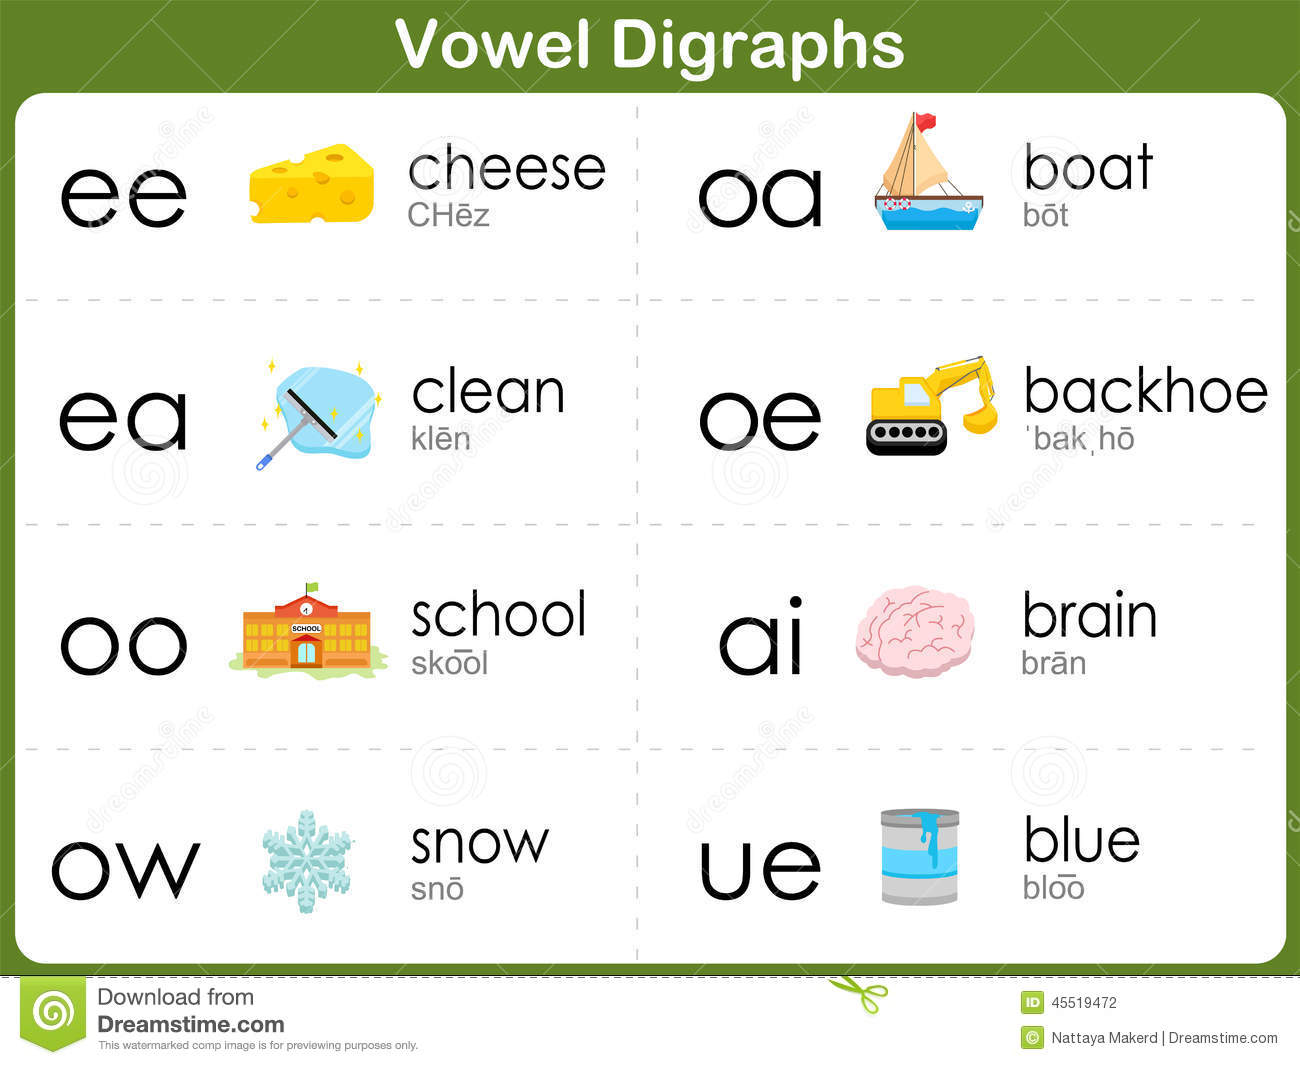 Vowel Digraphs Worksheet For Kids Stock Vector